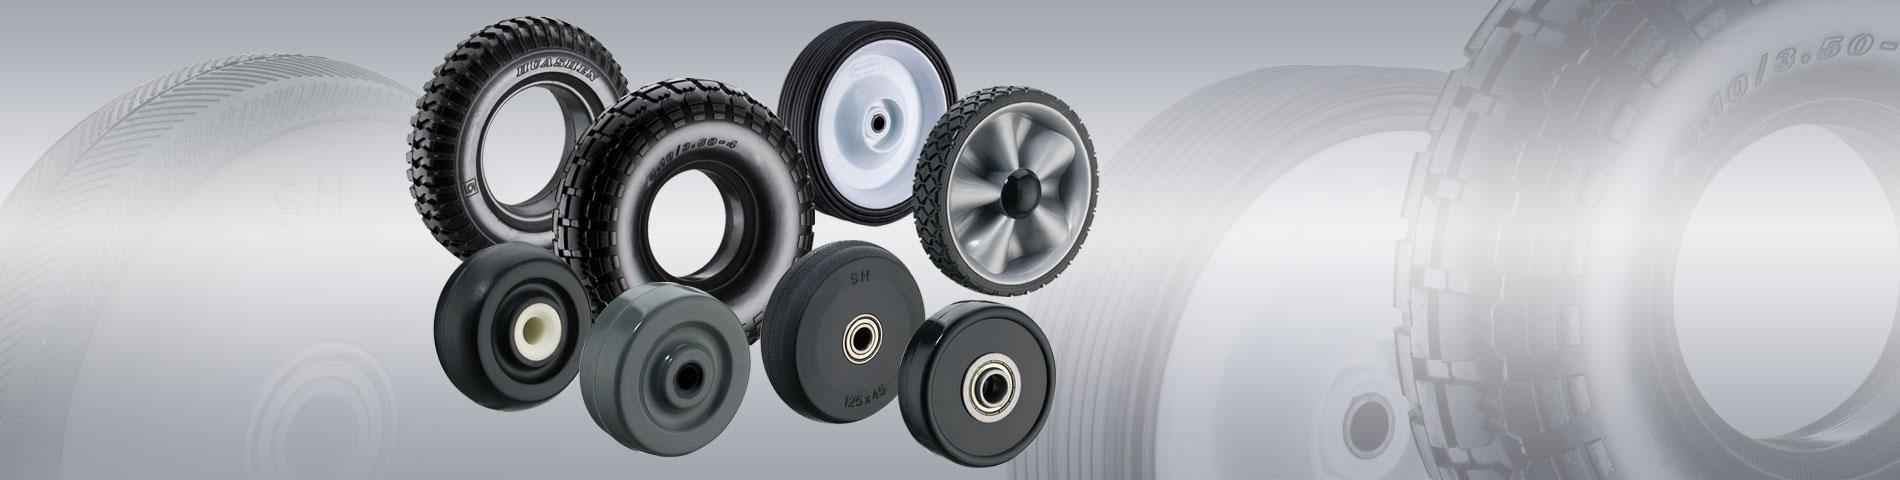 Verscheidenheid aan    Rubberen wielen    Productie